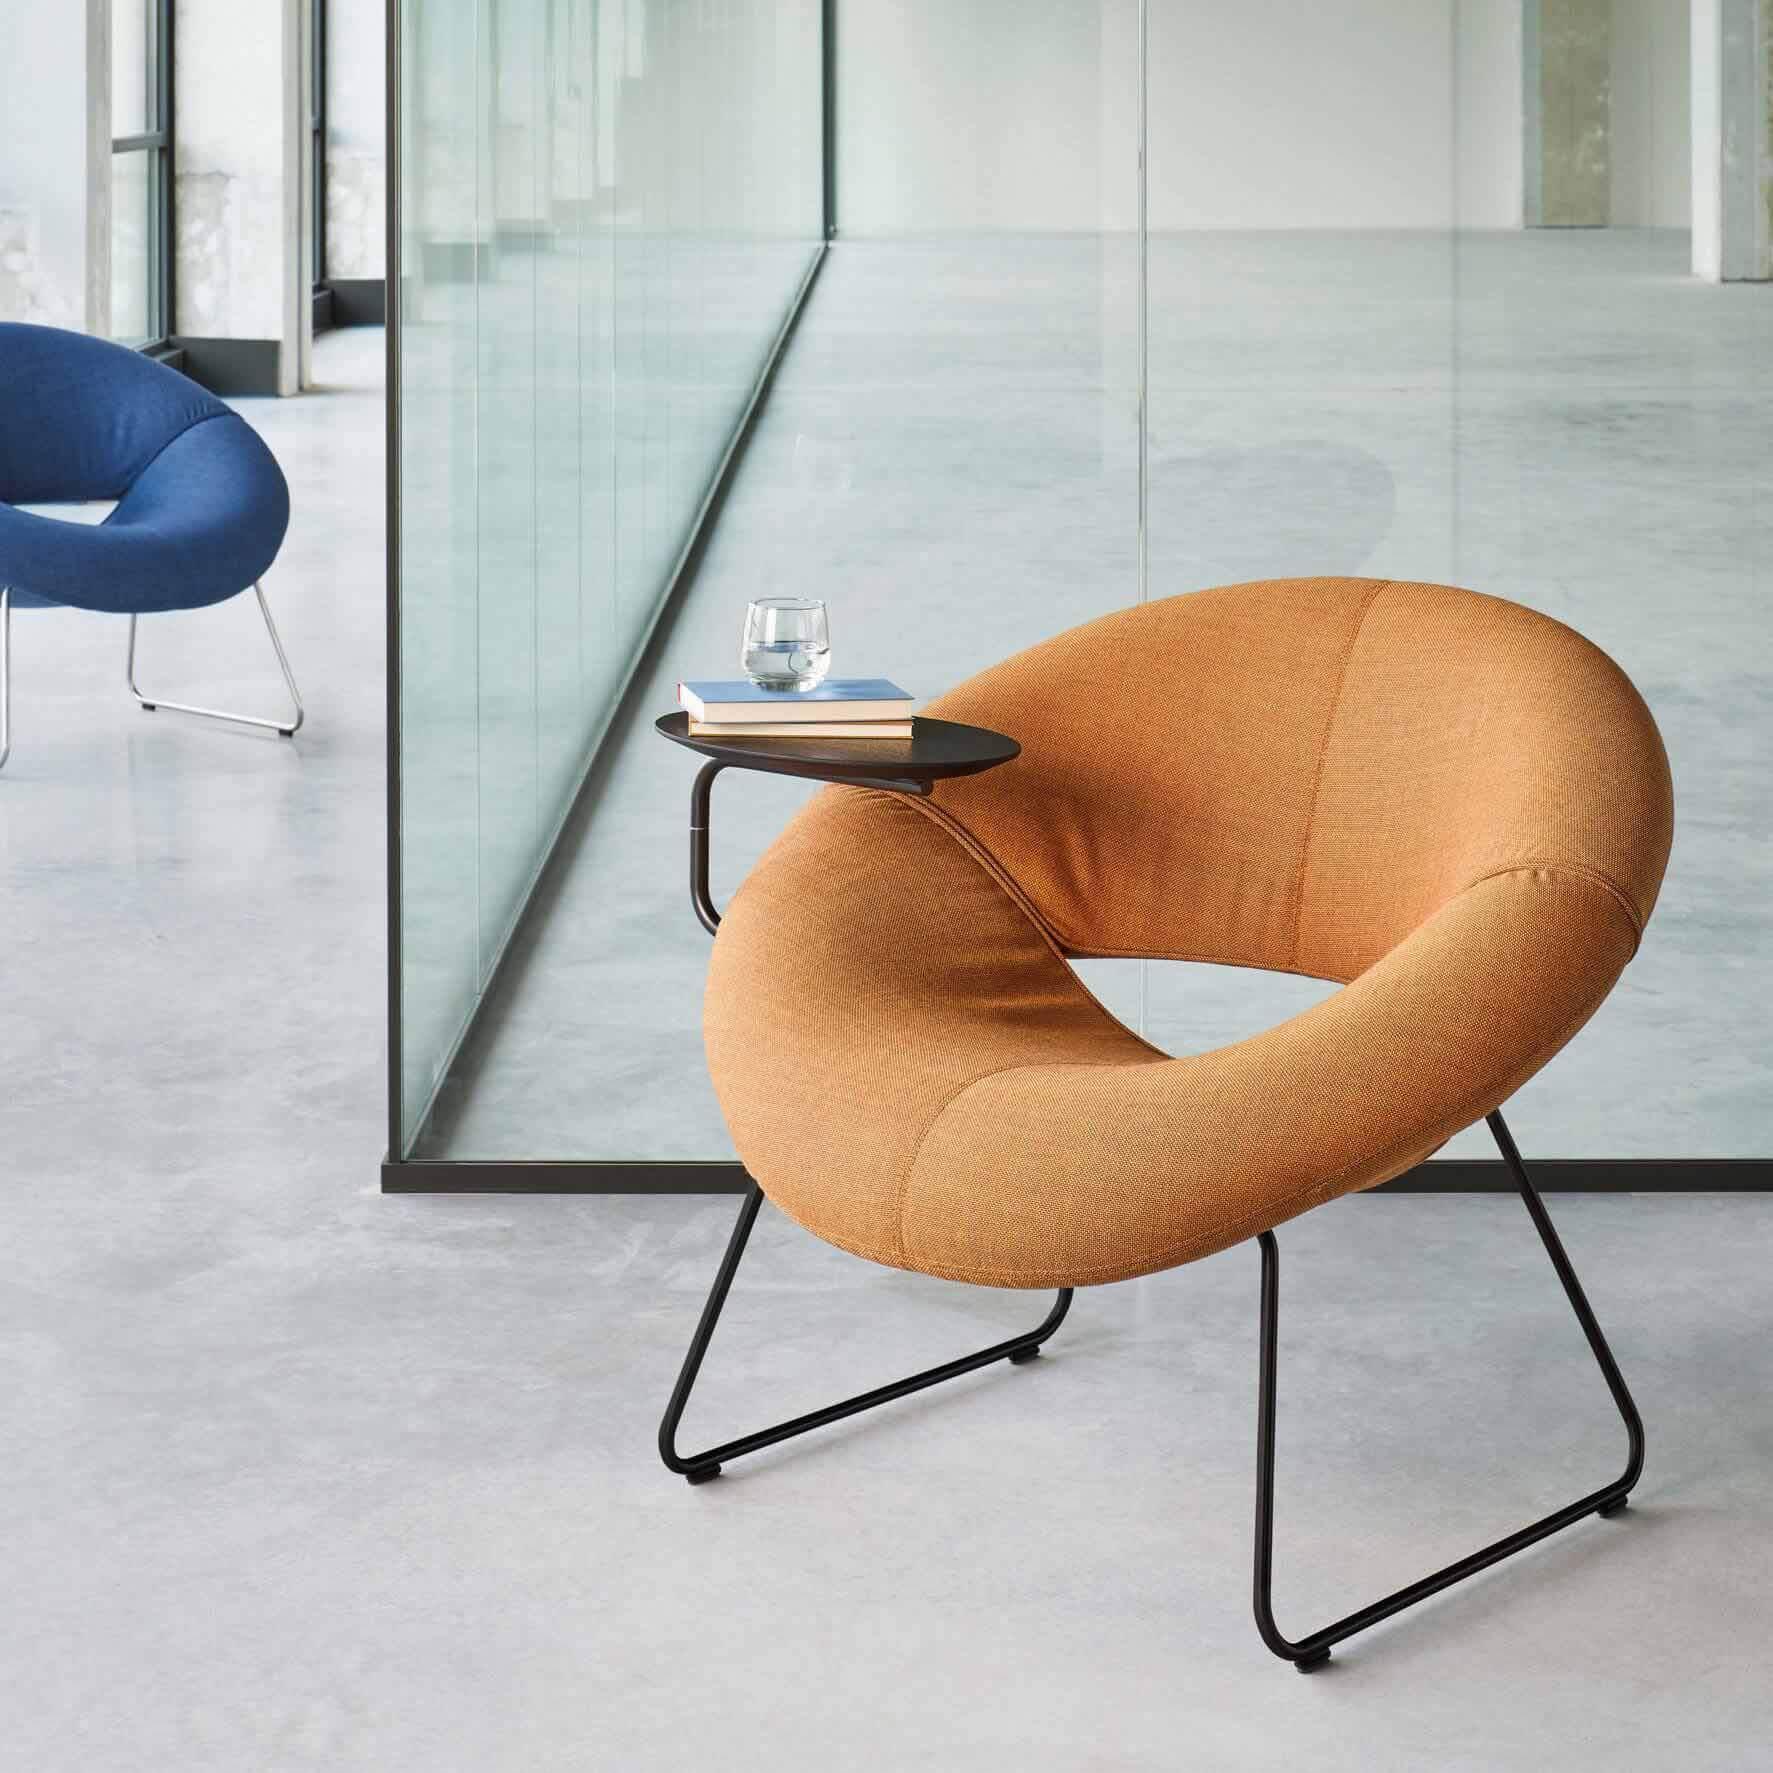 Кресло LXR18 для Мартина Баллендата от Leolux LX